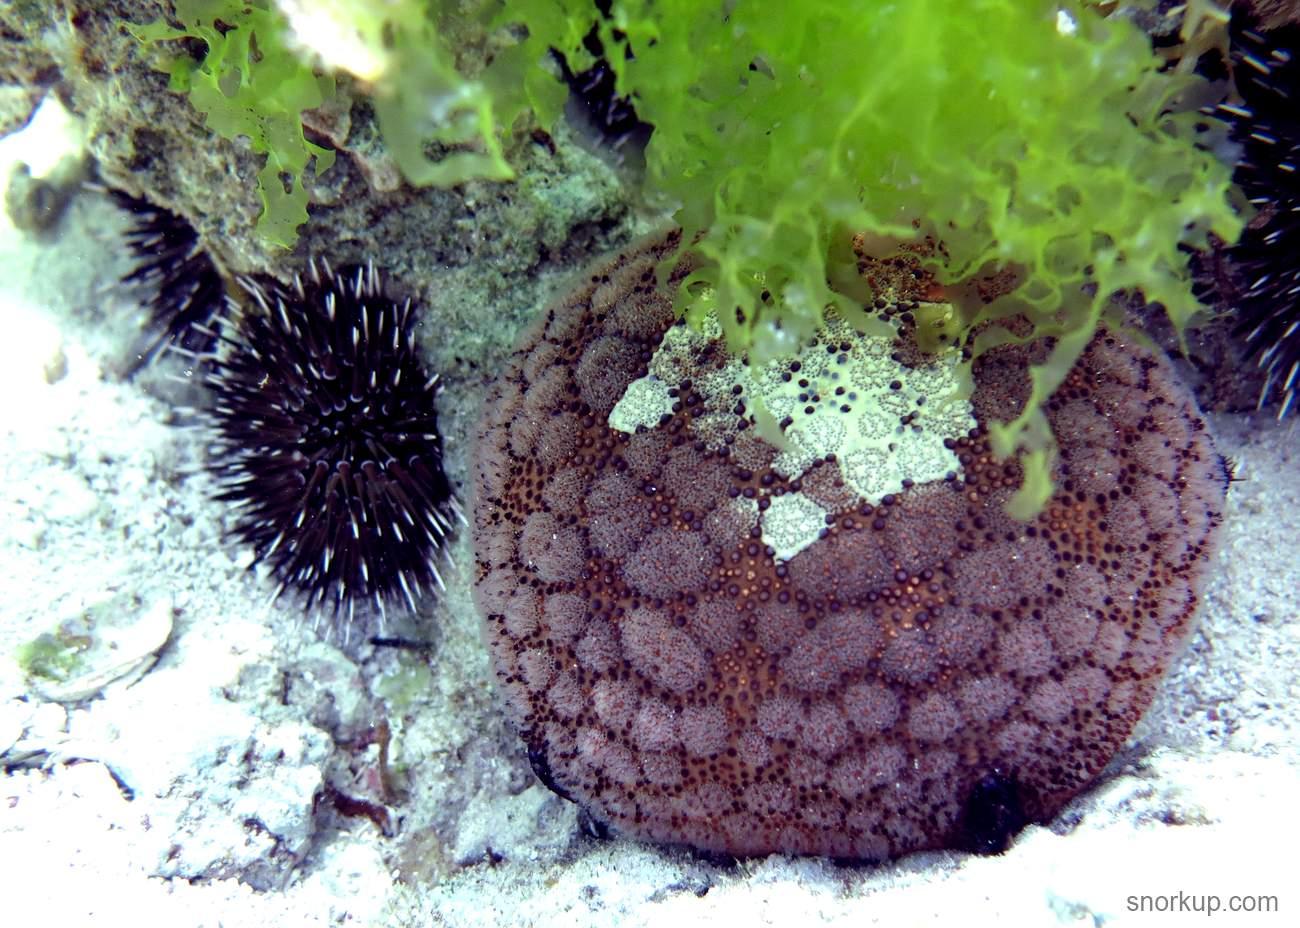 Кульцита Шмидта - Culcita schmideliana - Spiny Cushion Starfish. Больше похожа на ежа, но это морская звезда!